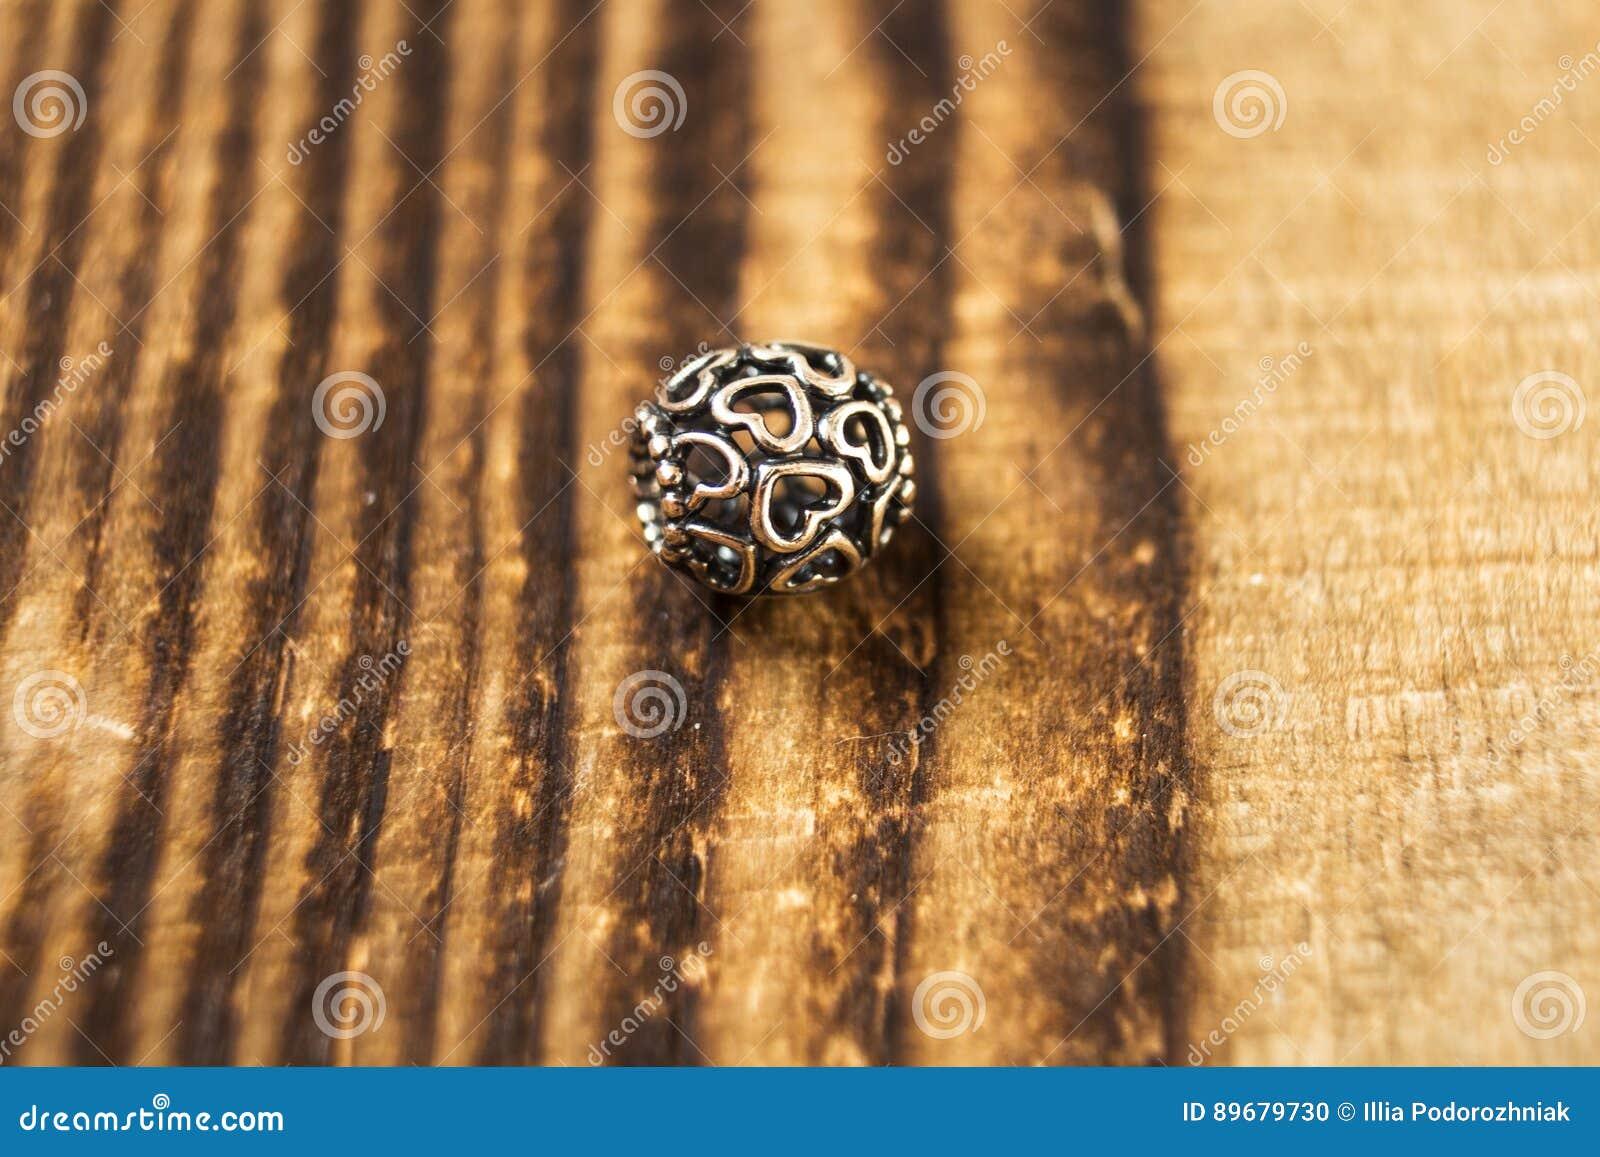 Gota de plata para la pulsera en fondo de madera